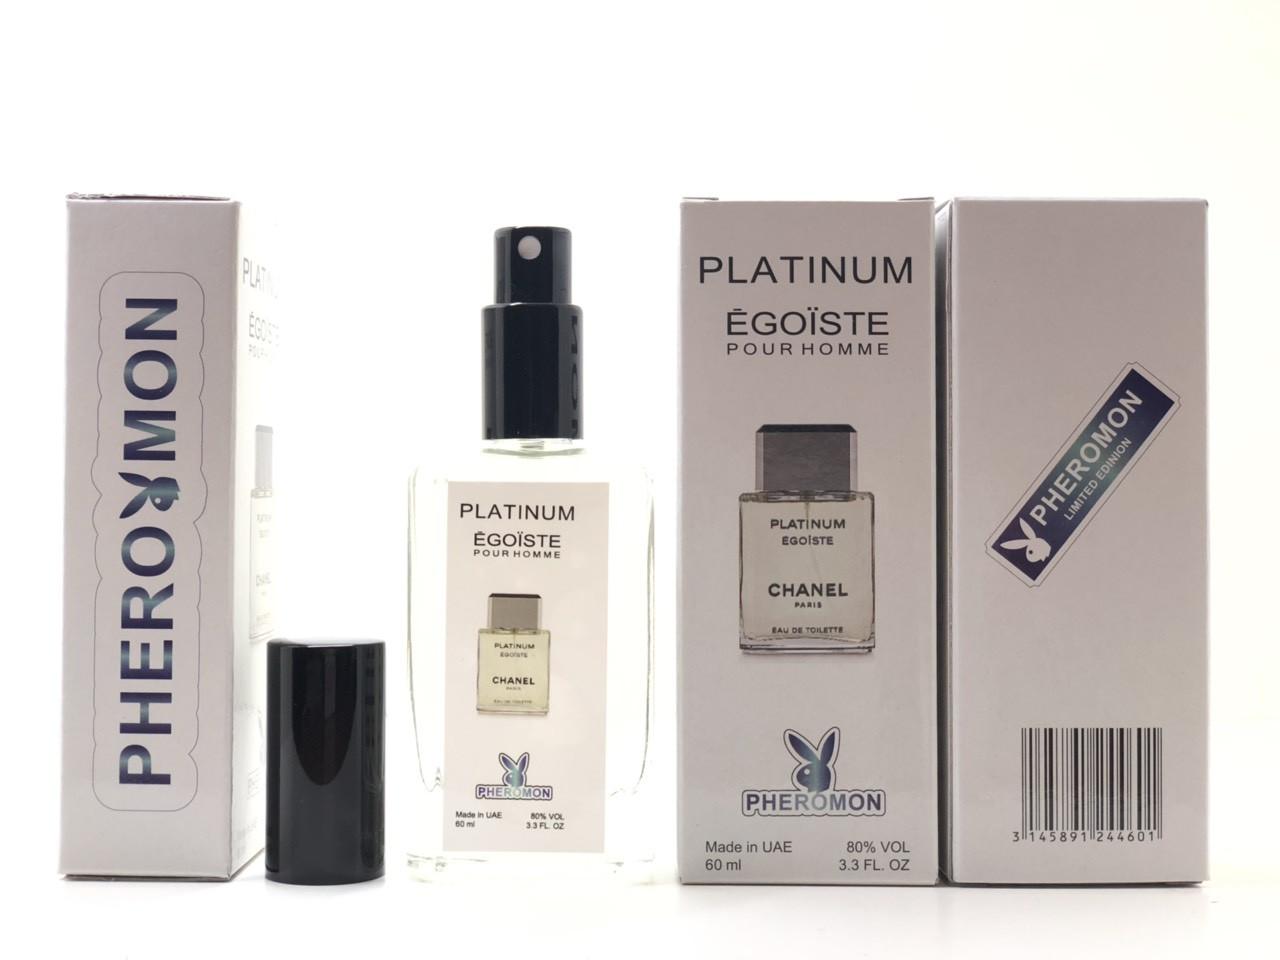 Тестер в подарочной упаковке CHANEL PLATINUM EGOISTE 60 мл в цветной упаковке с феромонами реплика